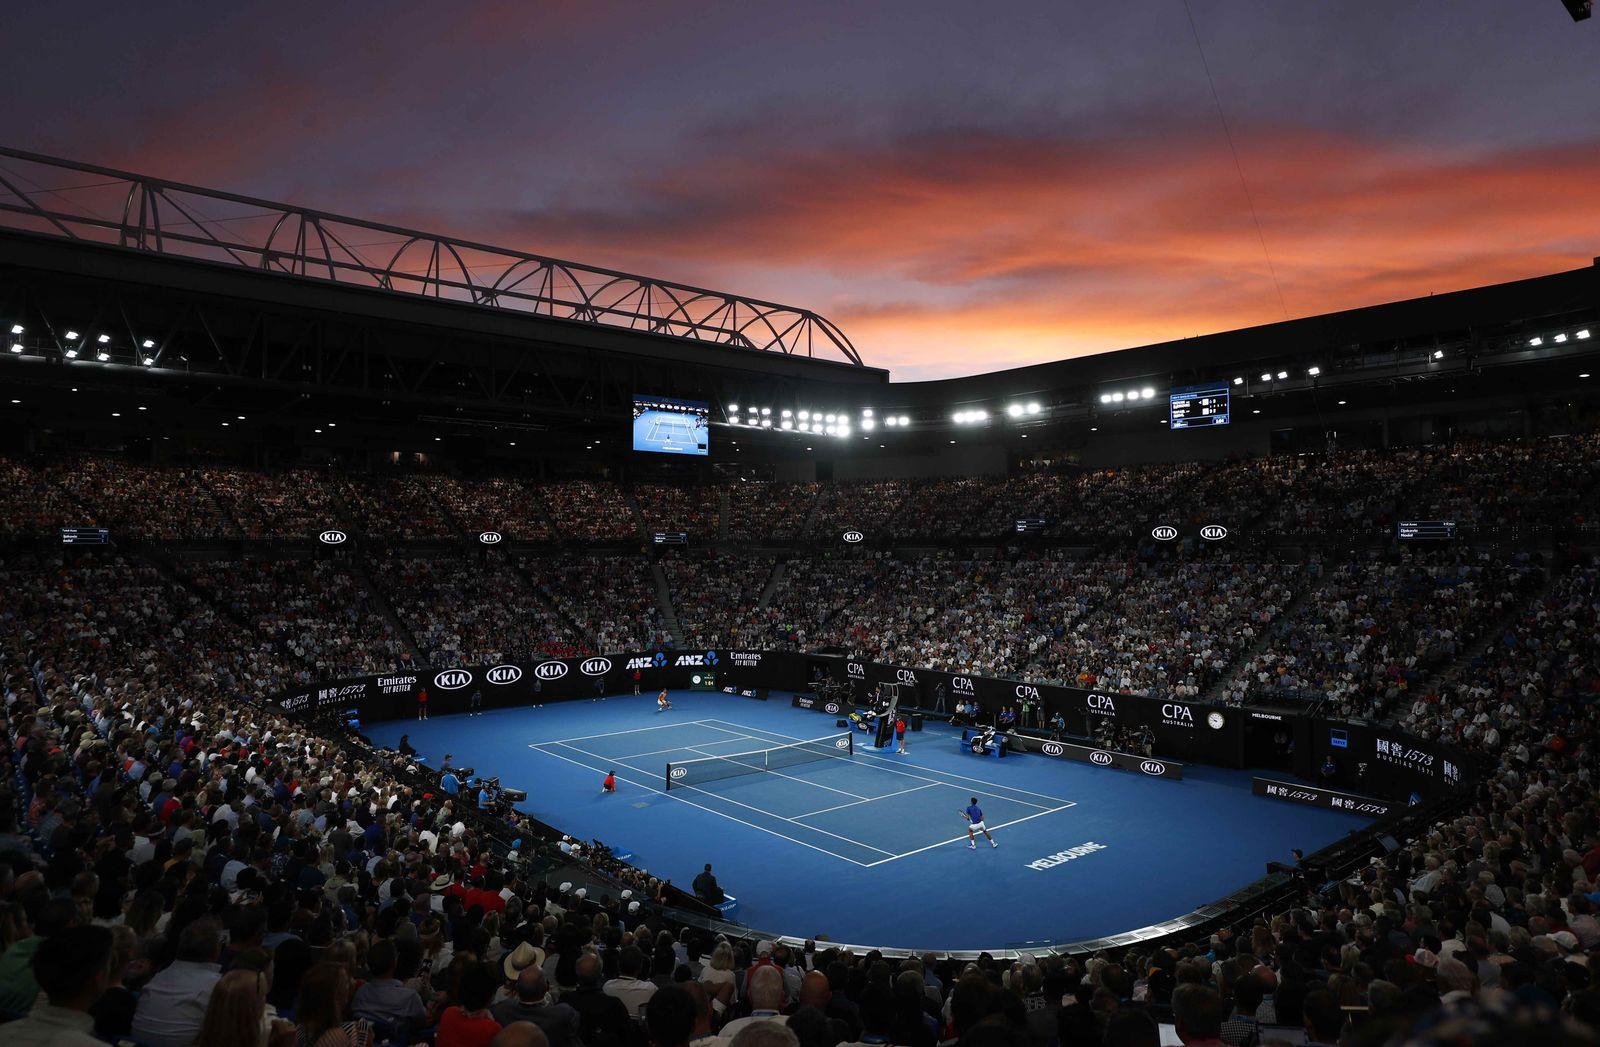 Tennis - Australian Open - Men's Singles Final